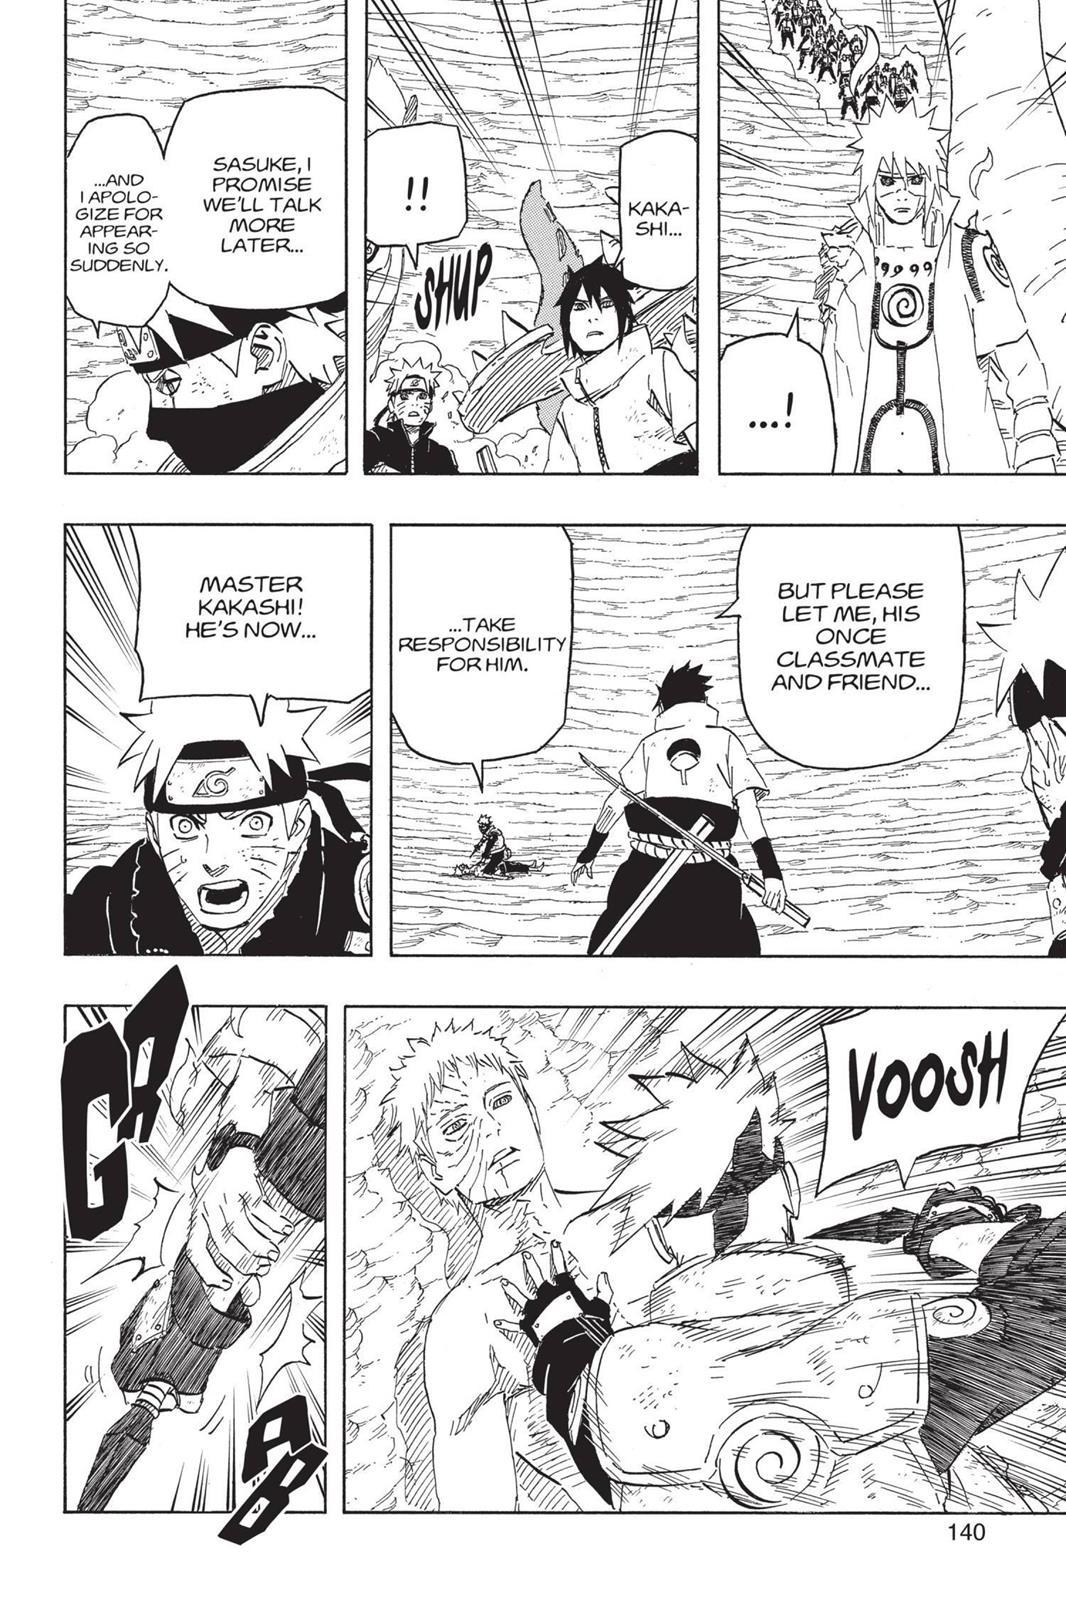 Afinal, quem teve o melhor desempenho na 4ª Guerra: Tobirama ou Minato? - Página 2 004